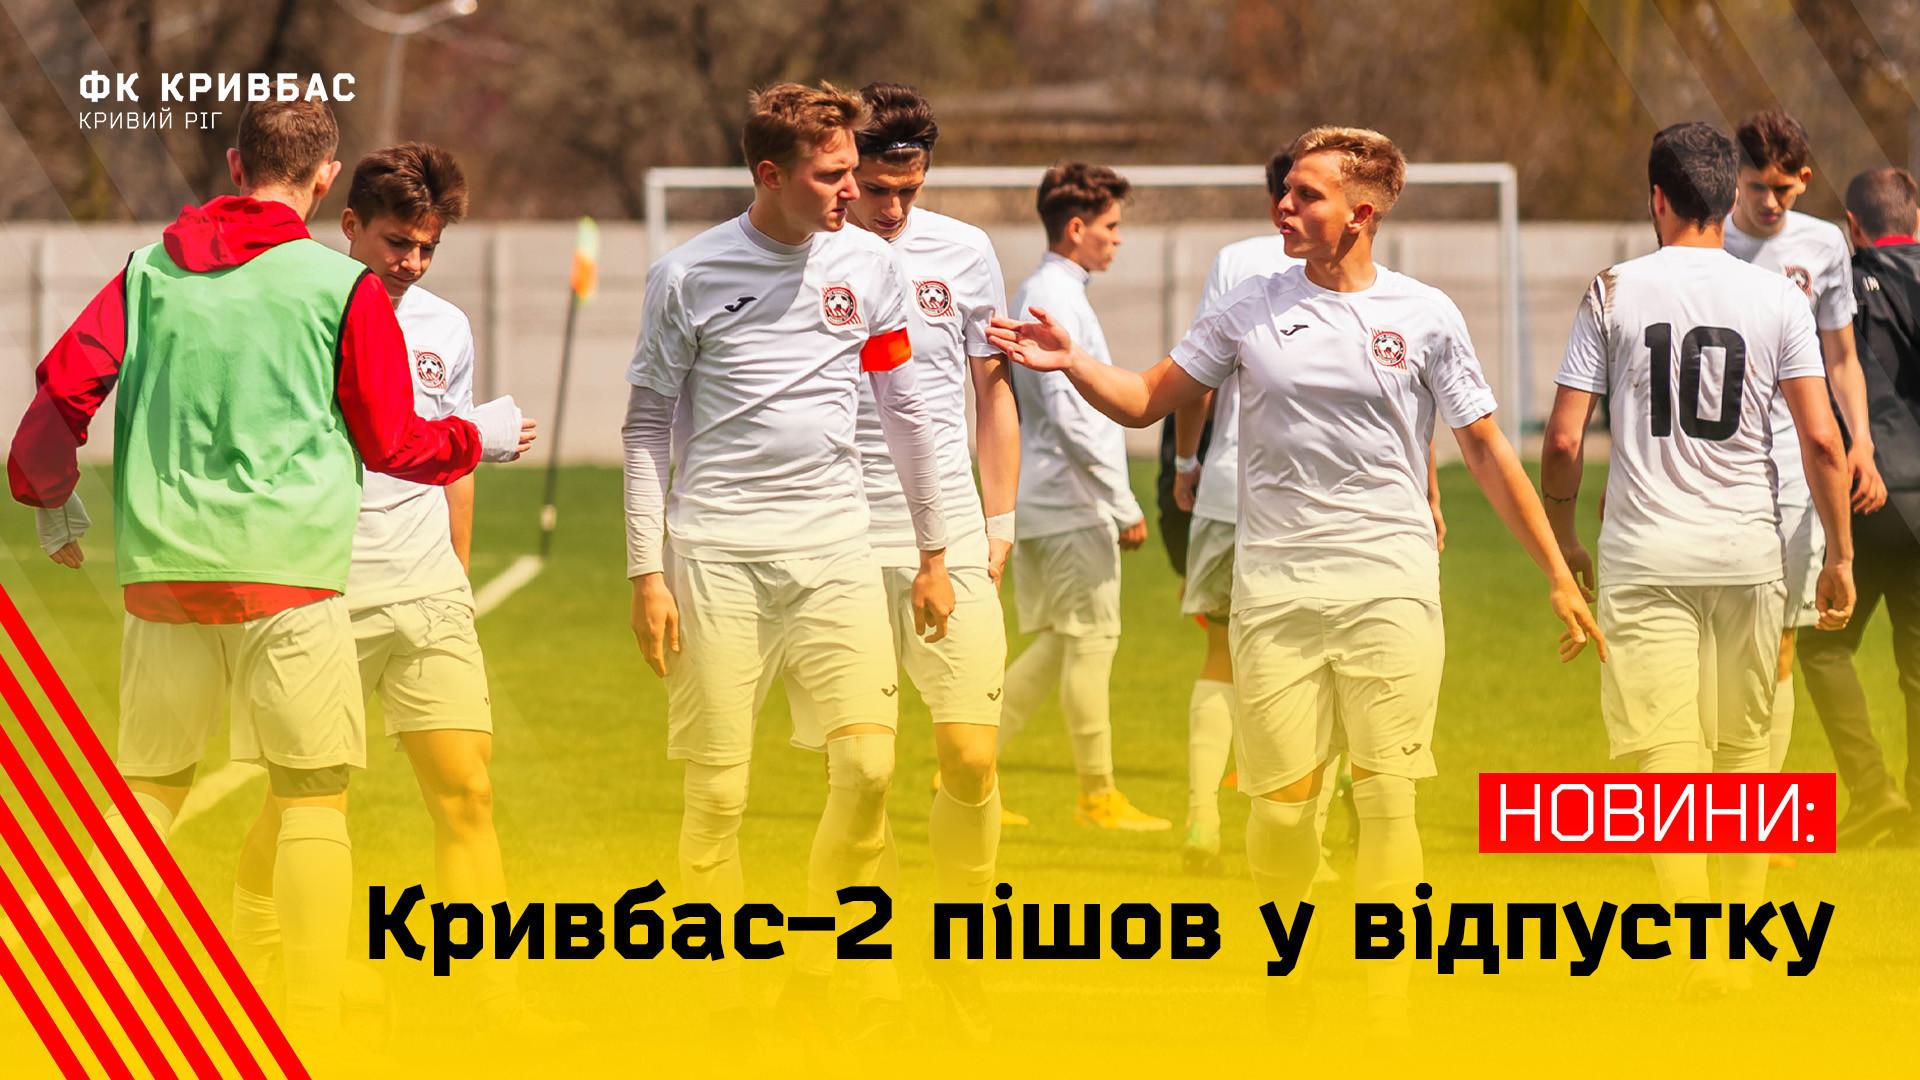 """""""Кривбас-2"""" пішов у відпустку}"""